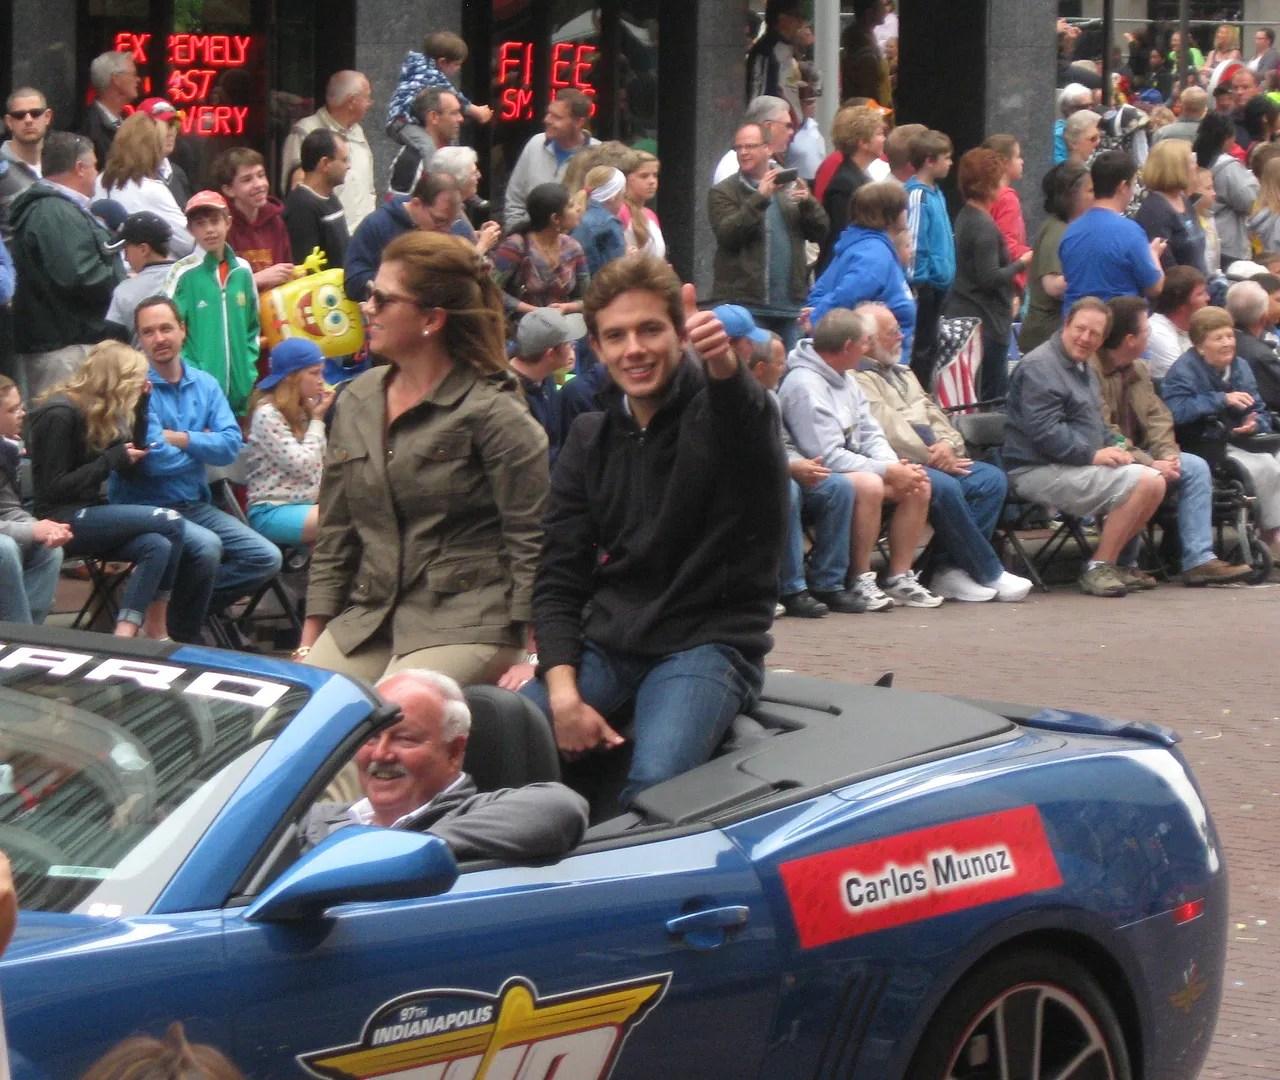 Carlos Munoz, Indianapolis, 500, 500 Festival Parade, Indianapolis, 2013